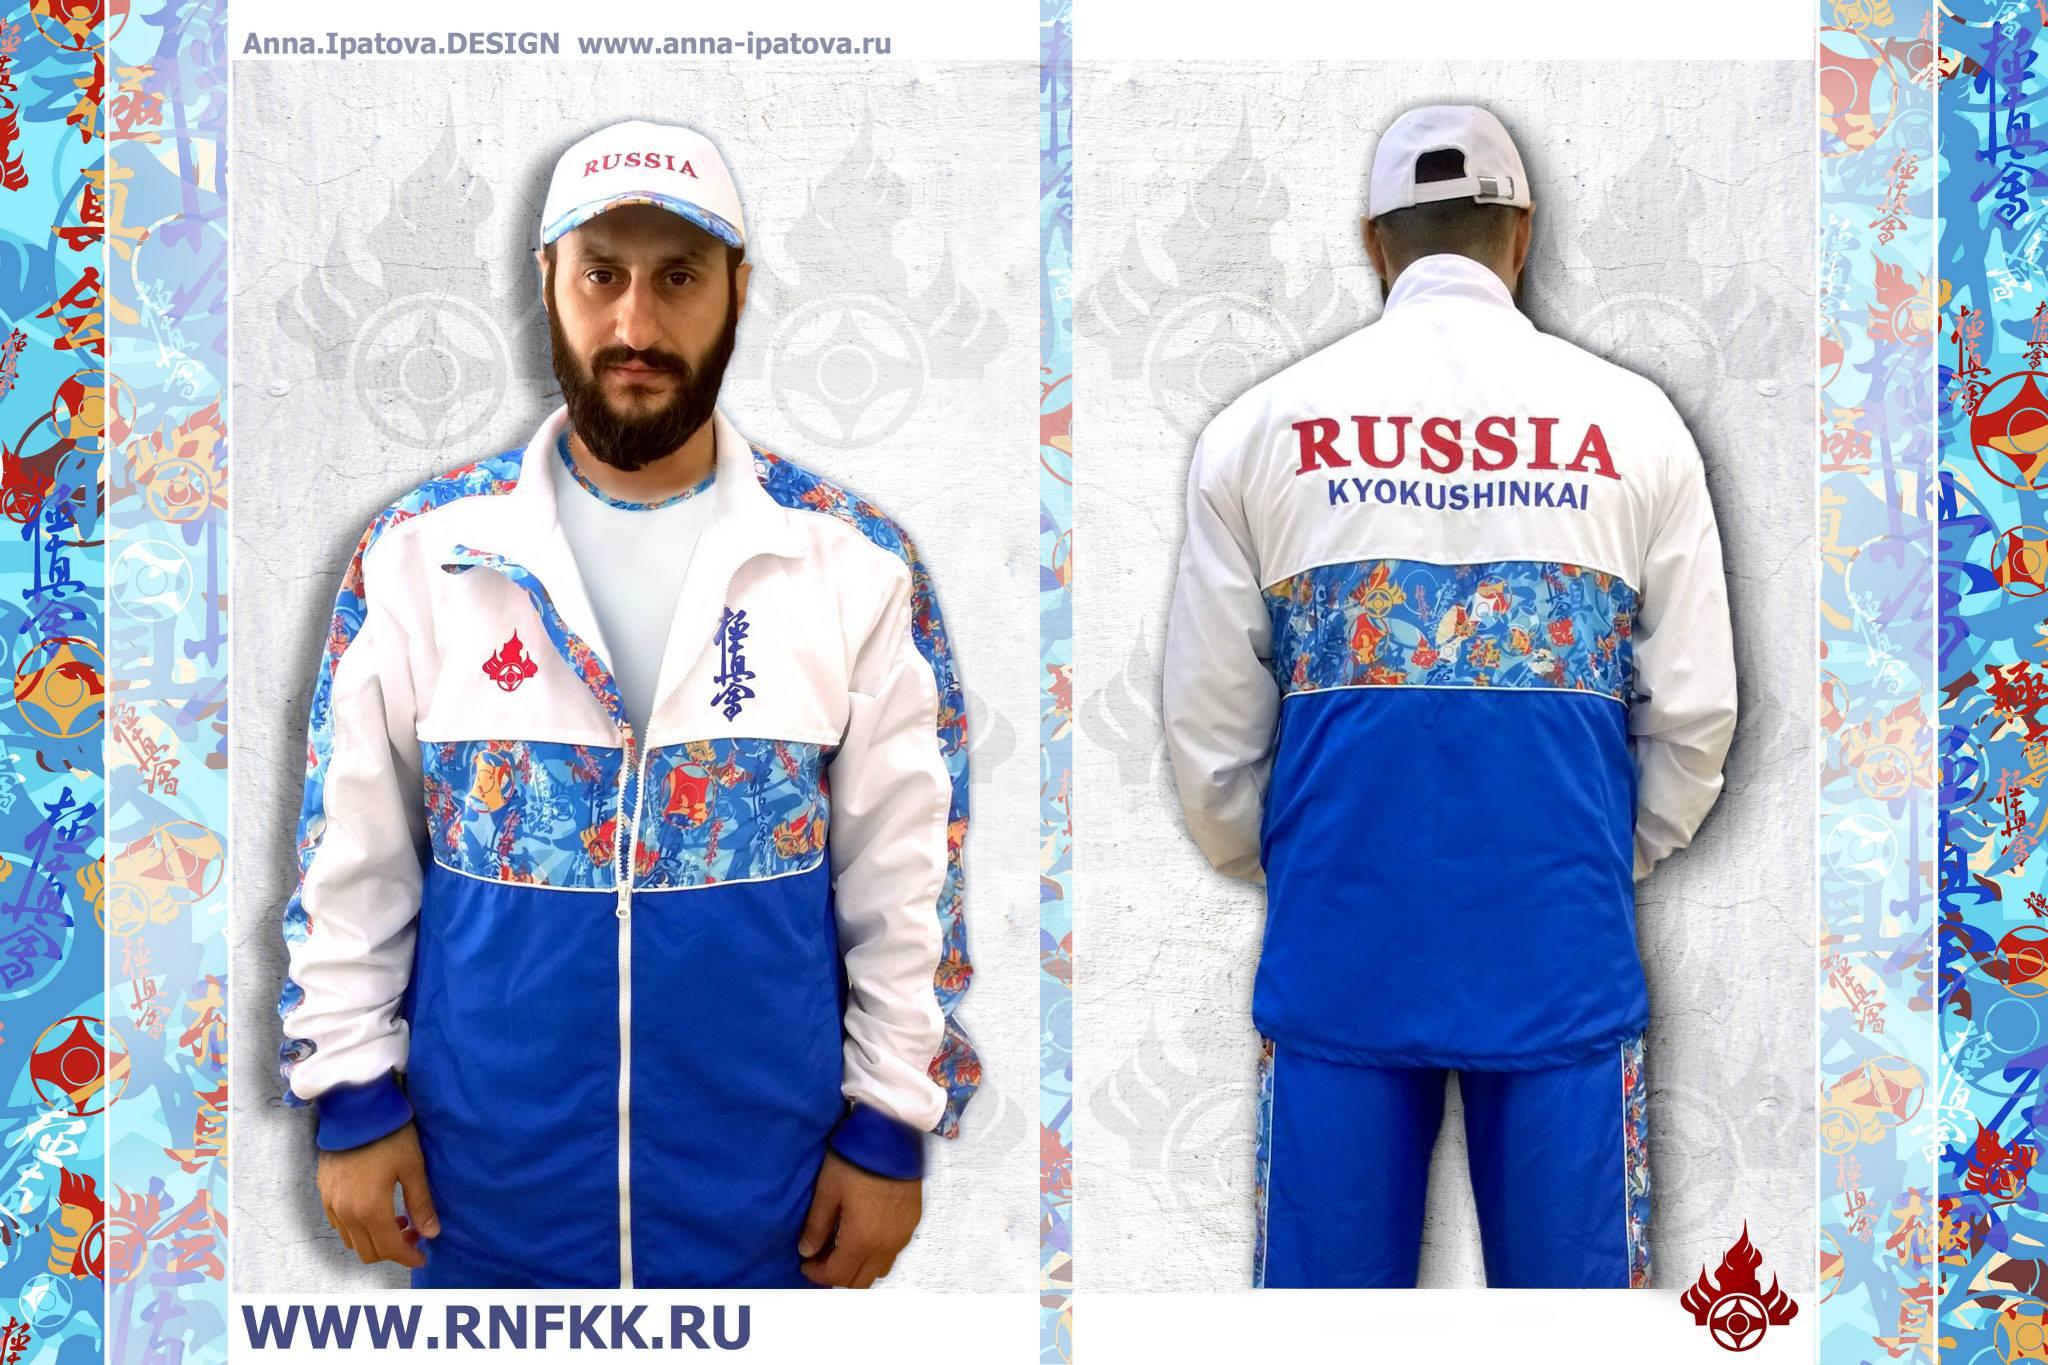 Купить Одежду Россия